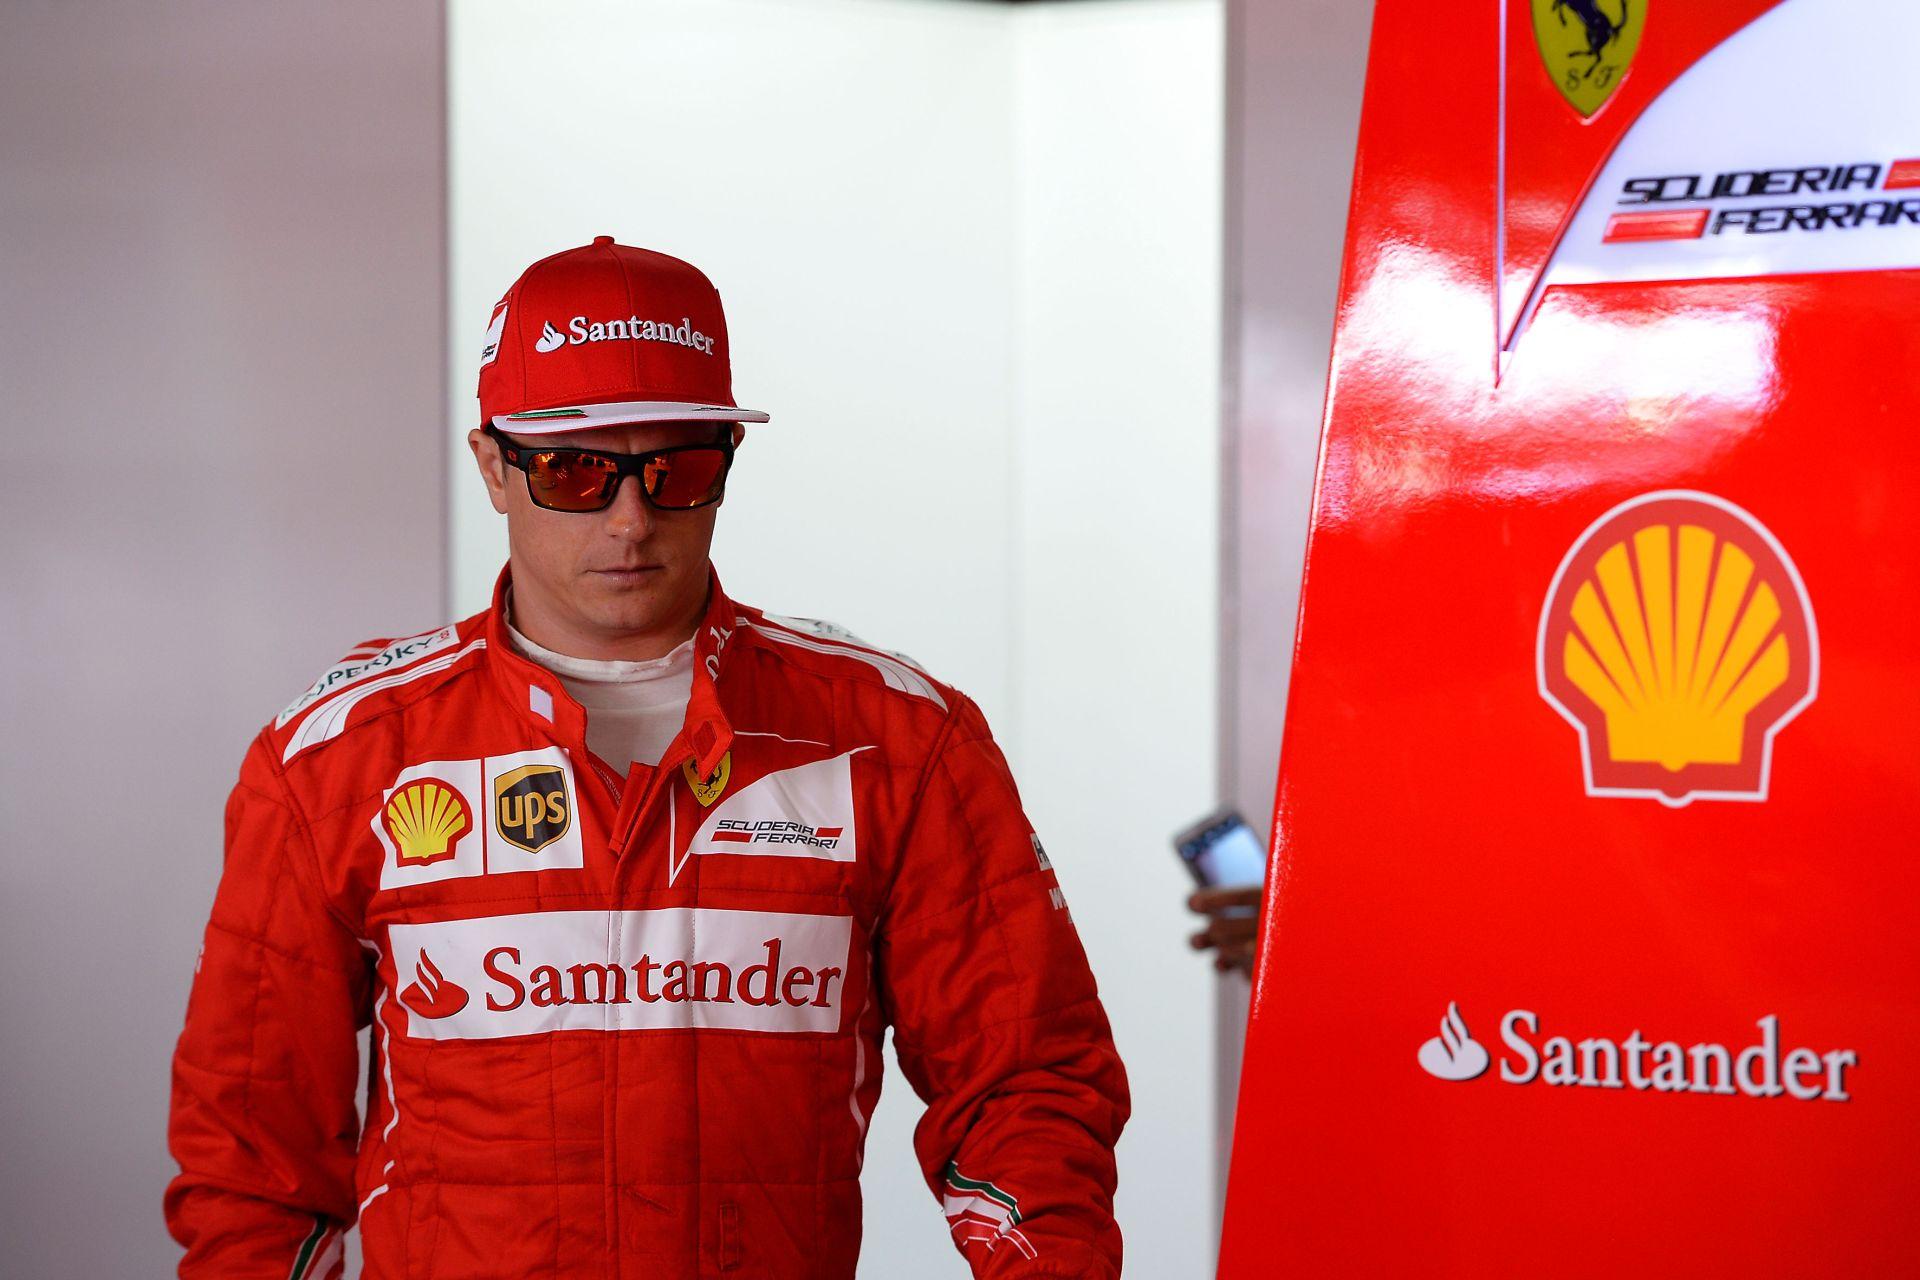 Alonso és Vettel szendvicsbe fogta Raikkönent, aki köpni-nyelni nem tudott